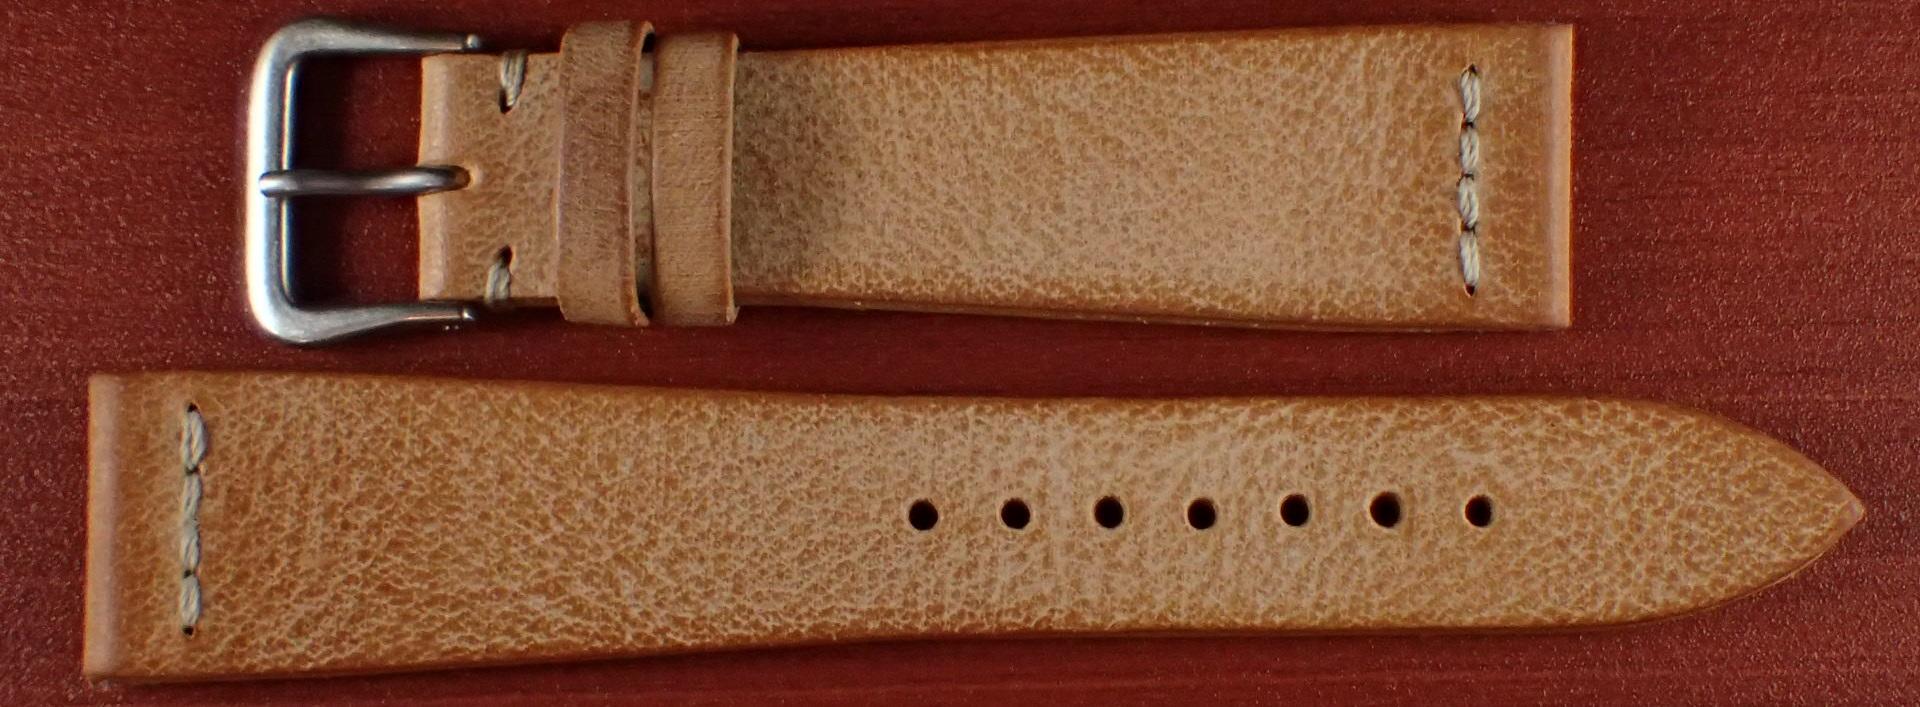 ブライドルレザーベルト ラ・ペルラ・アッズーラ アラスカ 一文字ステッチ ブラウン 18、20mm